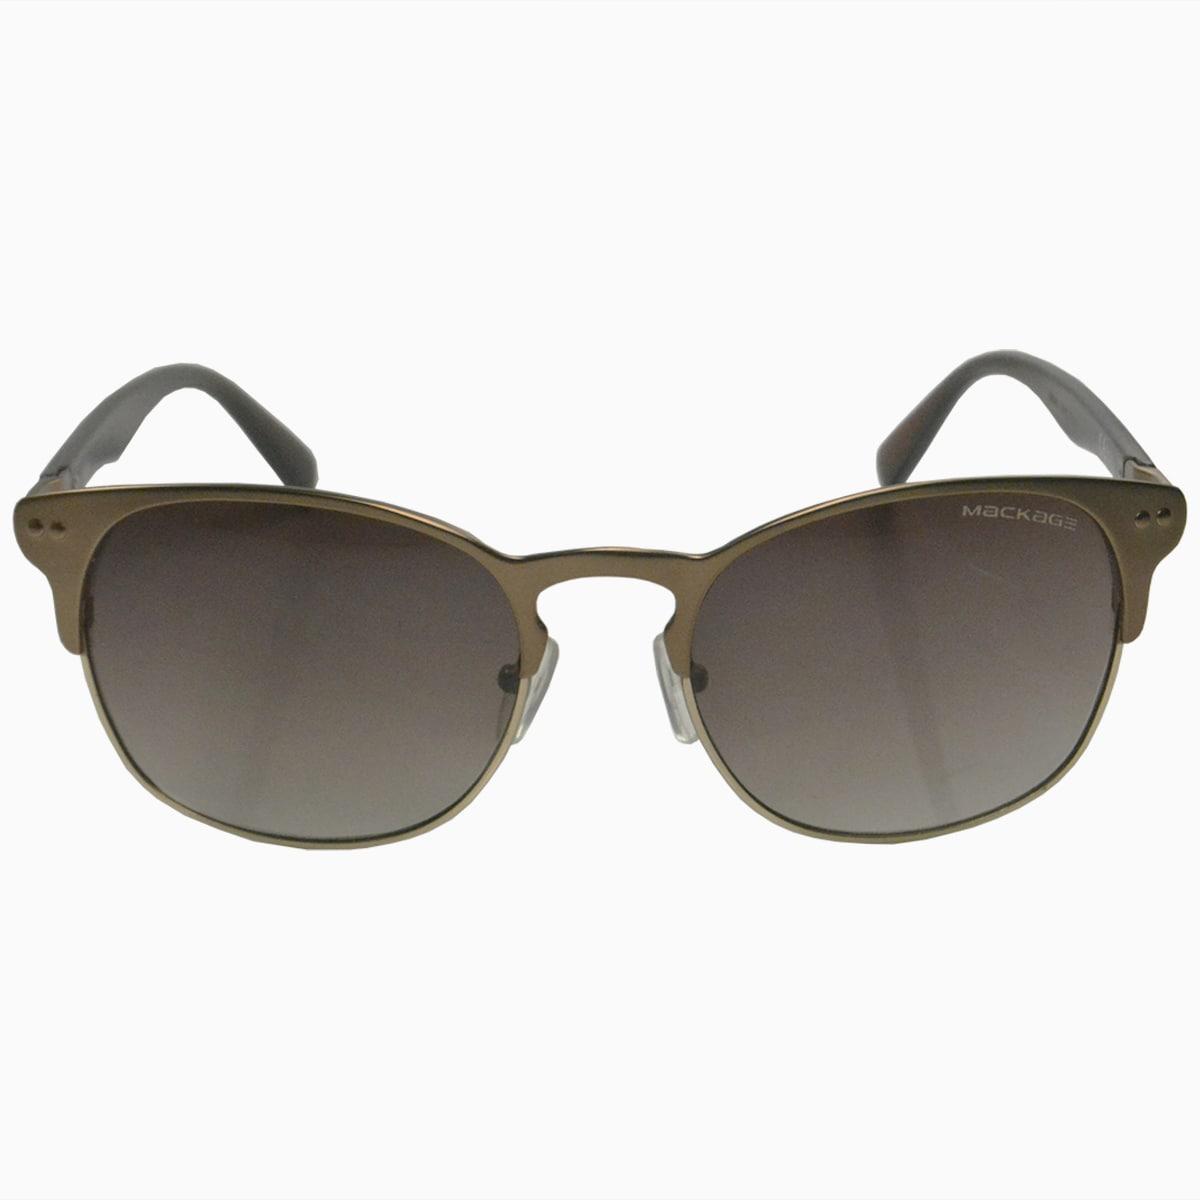 Óculos de Sol Mackage MMK1605.9.3.1 Bronze